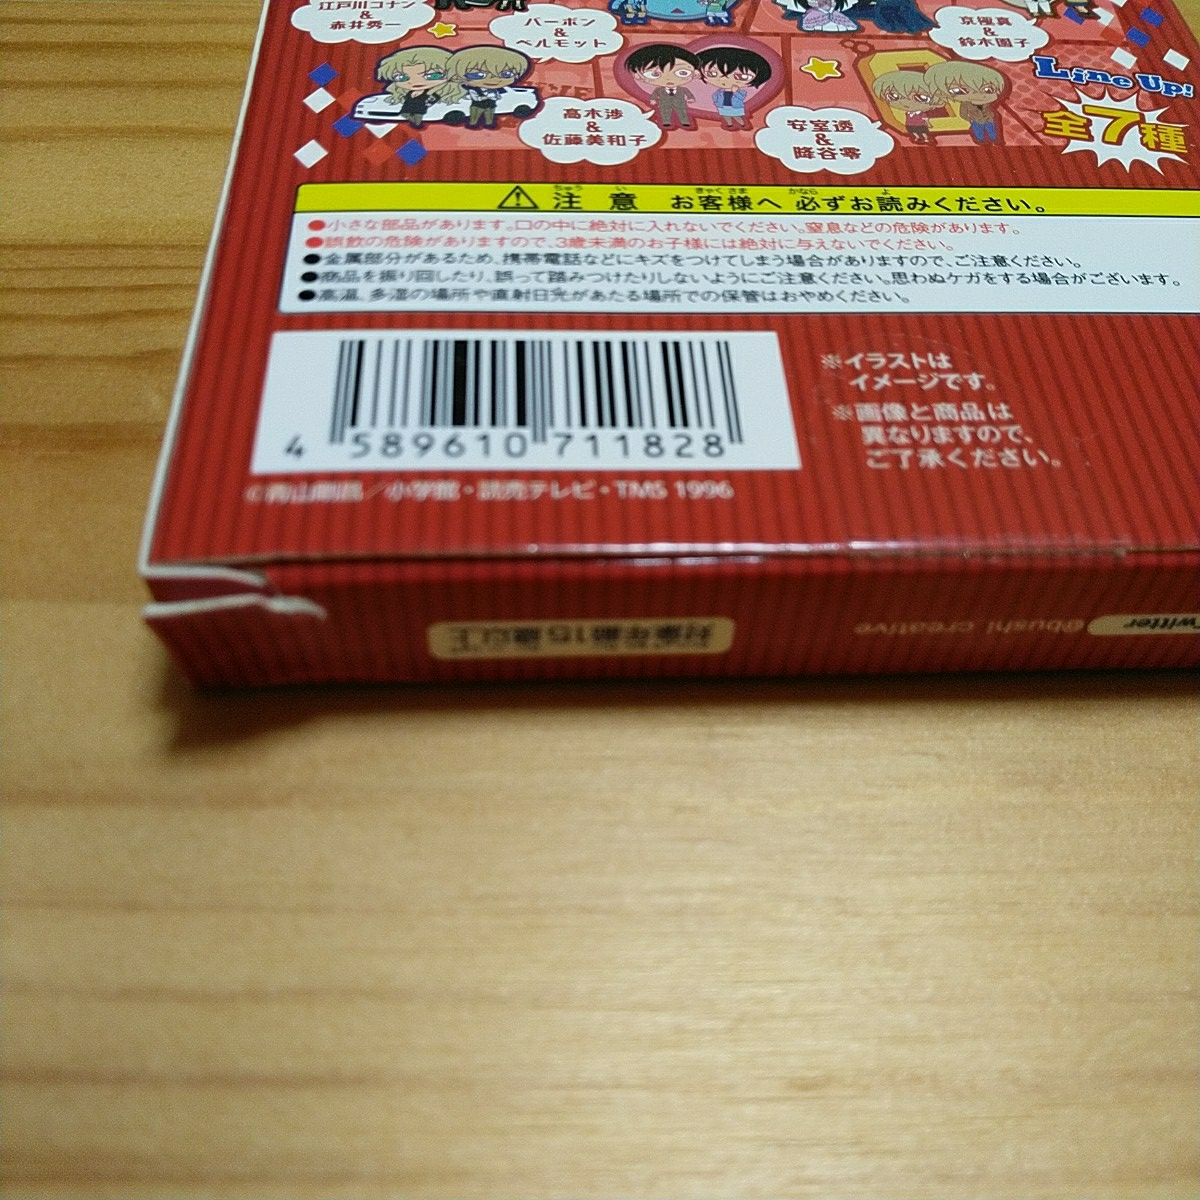 江戸川コナン&安室透 ラバーストラップDUO vol.2 名探偵コナン 新品未使用 送料無料